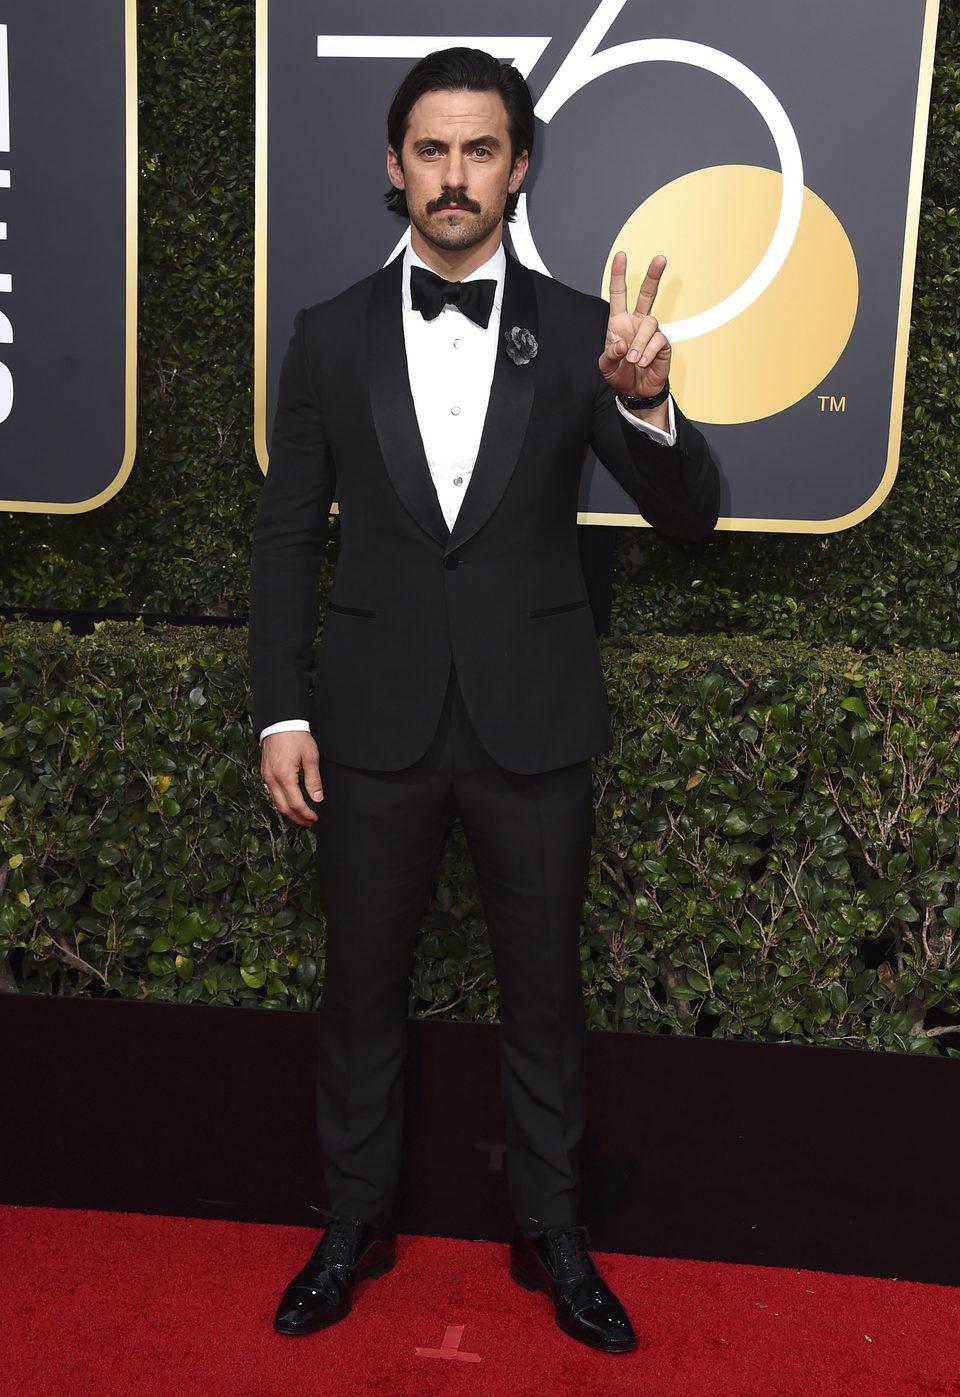 Milo Ventimiglia en la alfombra roja de los Globos de Oro 2018